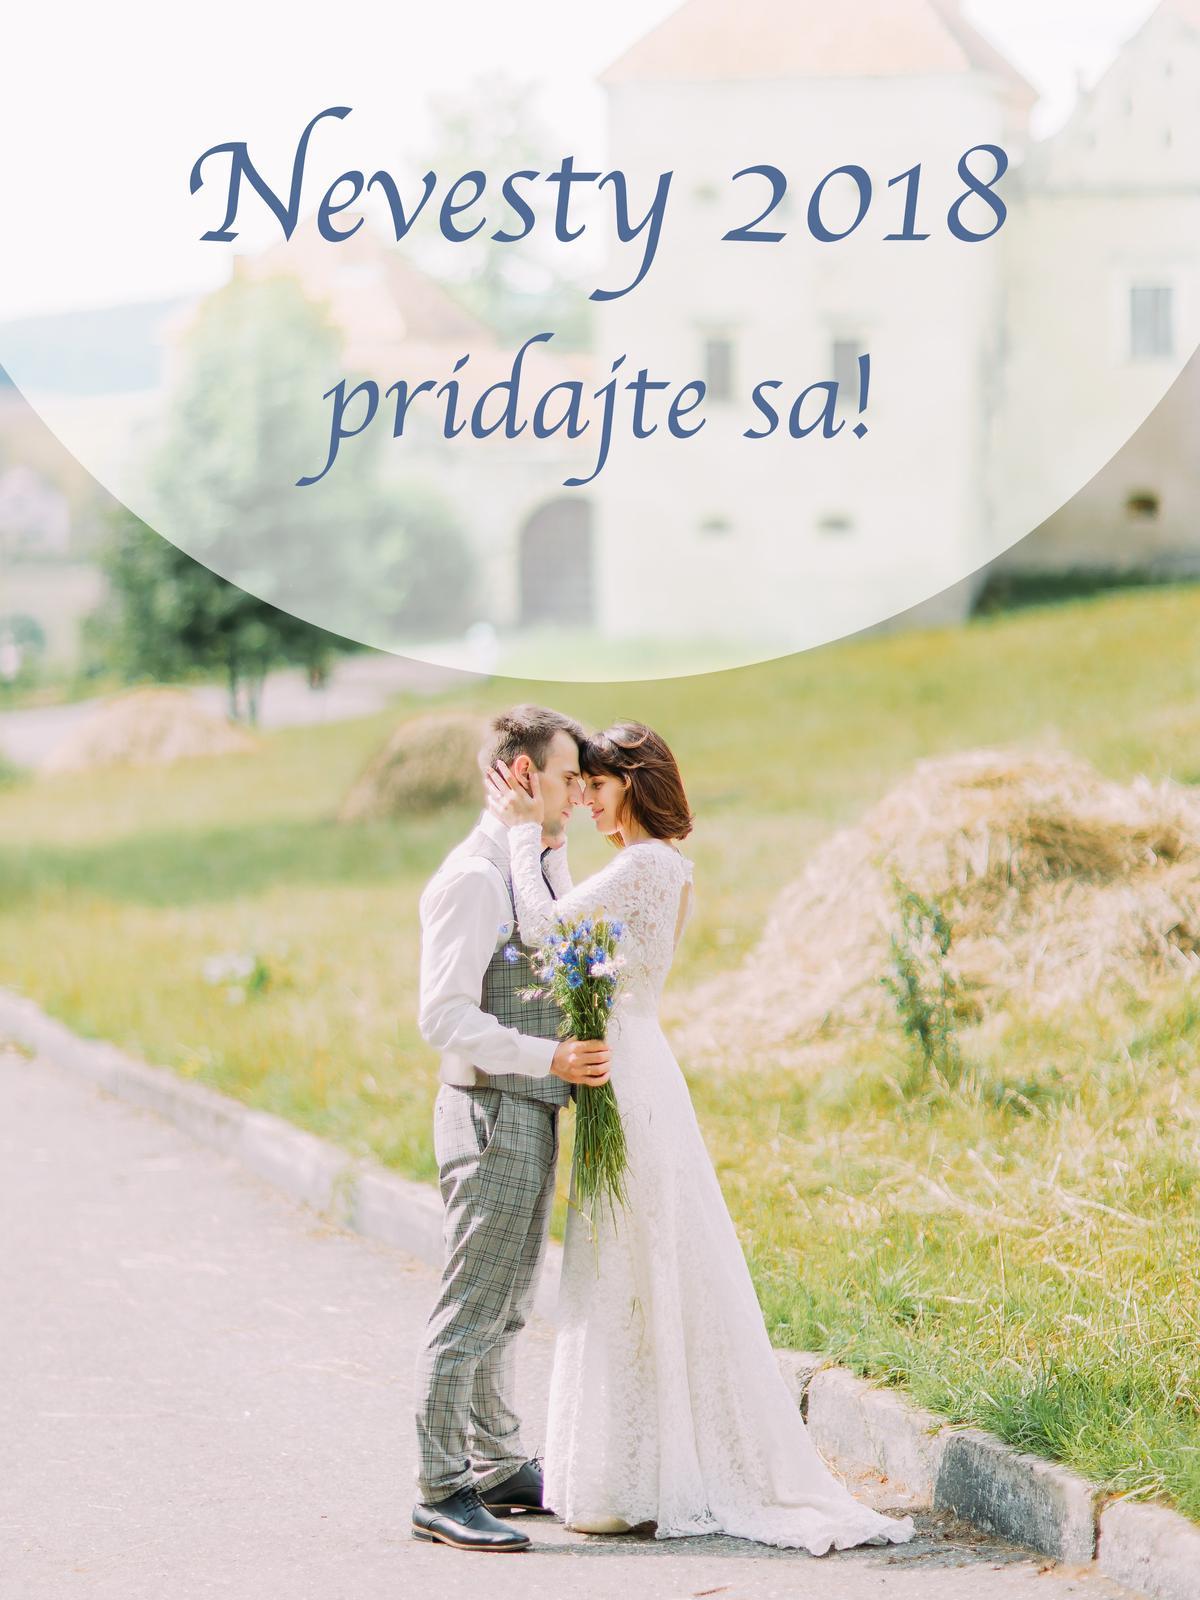 Dnes som si všimla, že už je tu zaregistrovaných až 700 neviest, ktoré majú svadbu budúci rok. A tak som vytvorila skupinu pre všetky nevesty 2018 :) Pridajte sa a zdieľajte predstavy, pokroky, pocity, radosti aj starosti, spojte sa a pomáhajte si :) link na skupinu: https://www.mojasvadba.sk/group/6797/detail - Obrázok č. 1